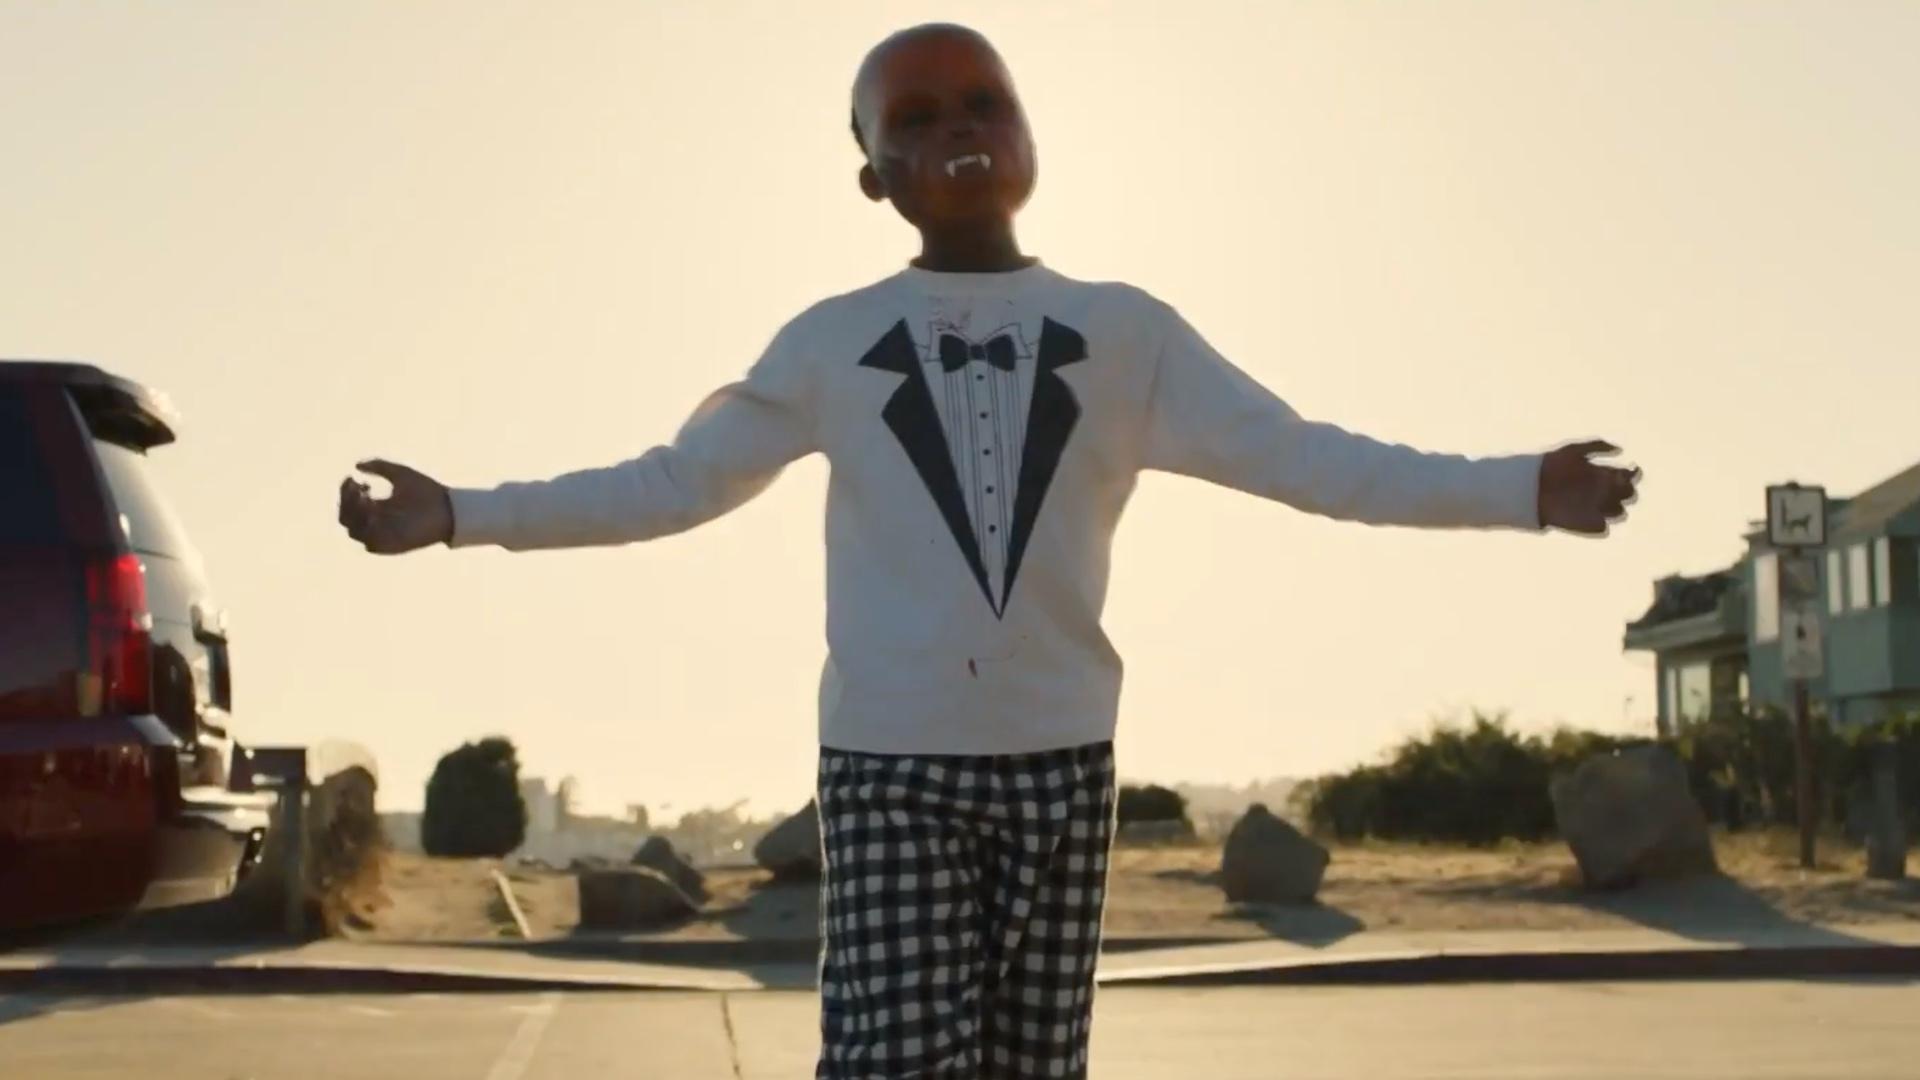 jordan-peele-dropped-a-new-creepy-trailer-for-for-his-horror-thriller-us-social.jpg